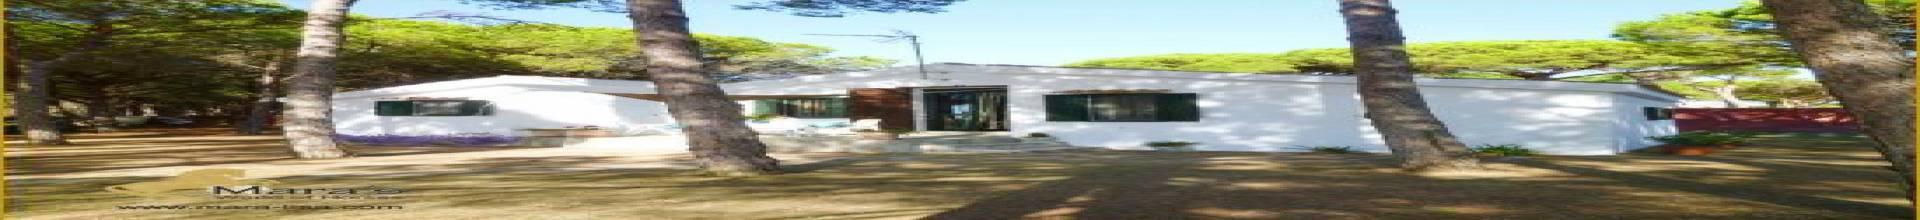 2 Schlafzimmer, Villa, zu verkaufen, 2 Badezimmer, Listing ID 1177, Chiclana de la Frontera, Andalusien, Spanien, 11130,